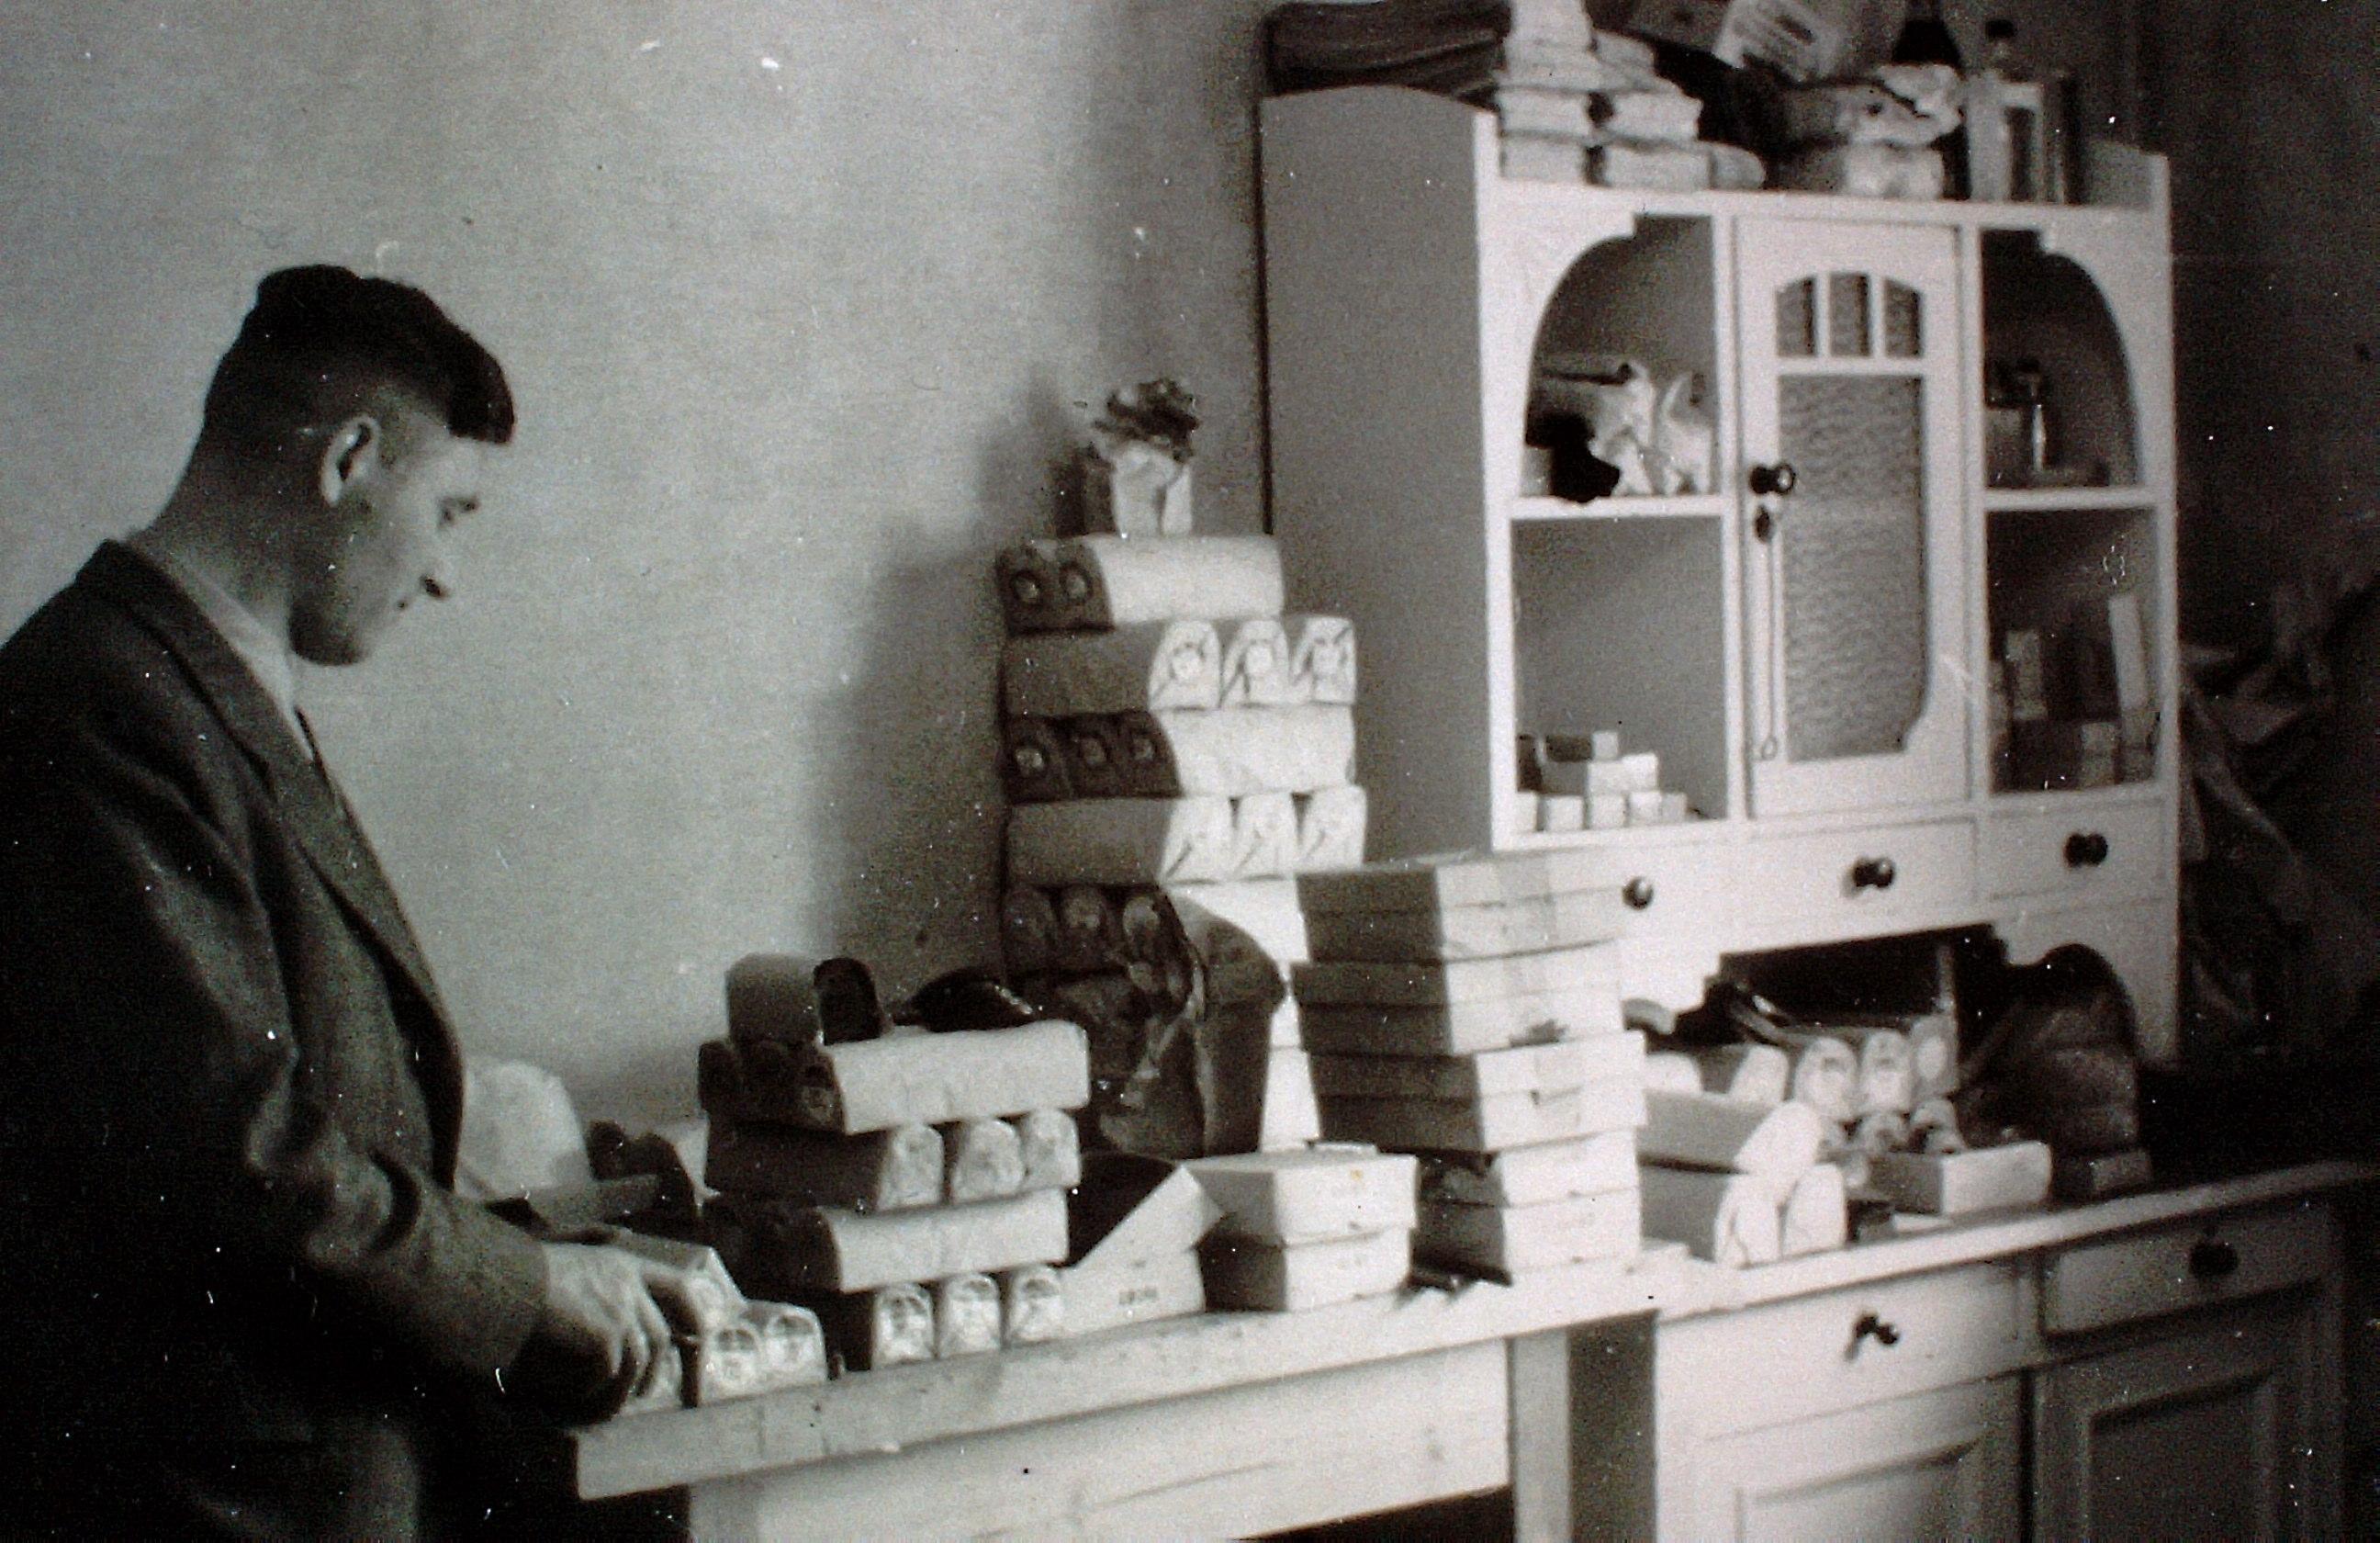 Der Vater eröffnete 1947 seine Lederhandlung Fries auf der Hammerhütte in Siegen. Schwarz-weiß-Aufnahme mit einem großen Schrank sowie vielen eingepackten Rollen und Kartons. Mit freundlicher Genehmigung von Hans-Peter Fries.